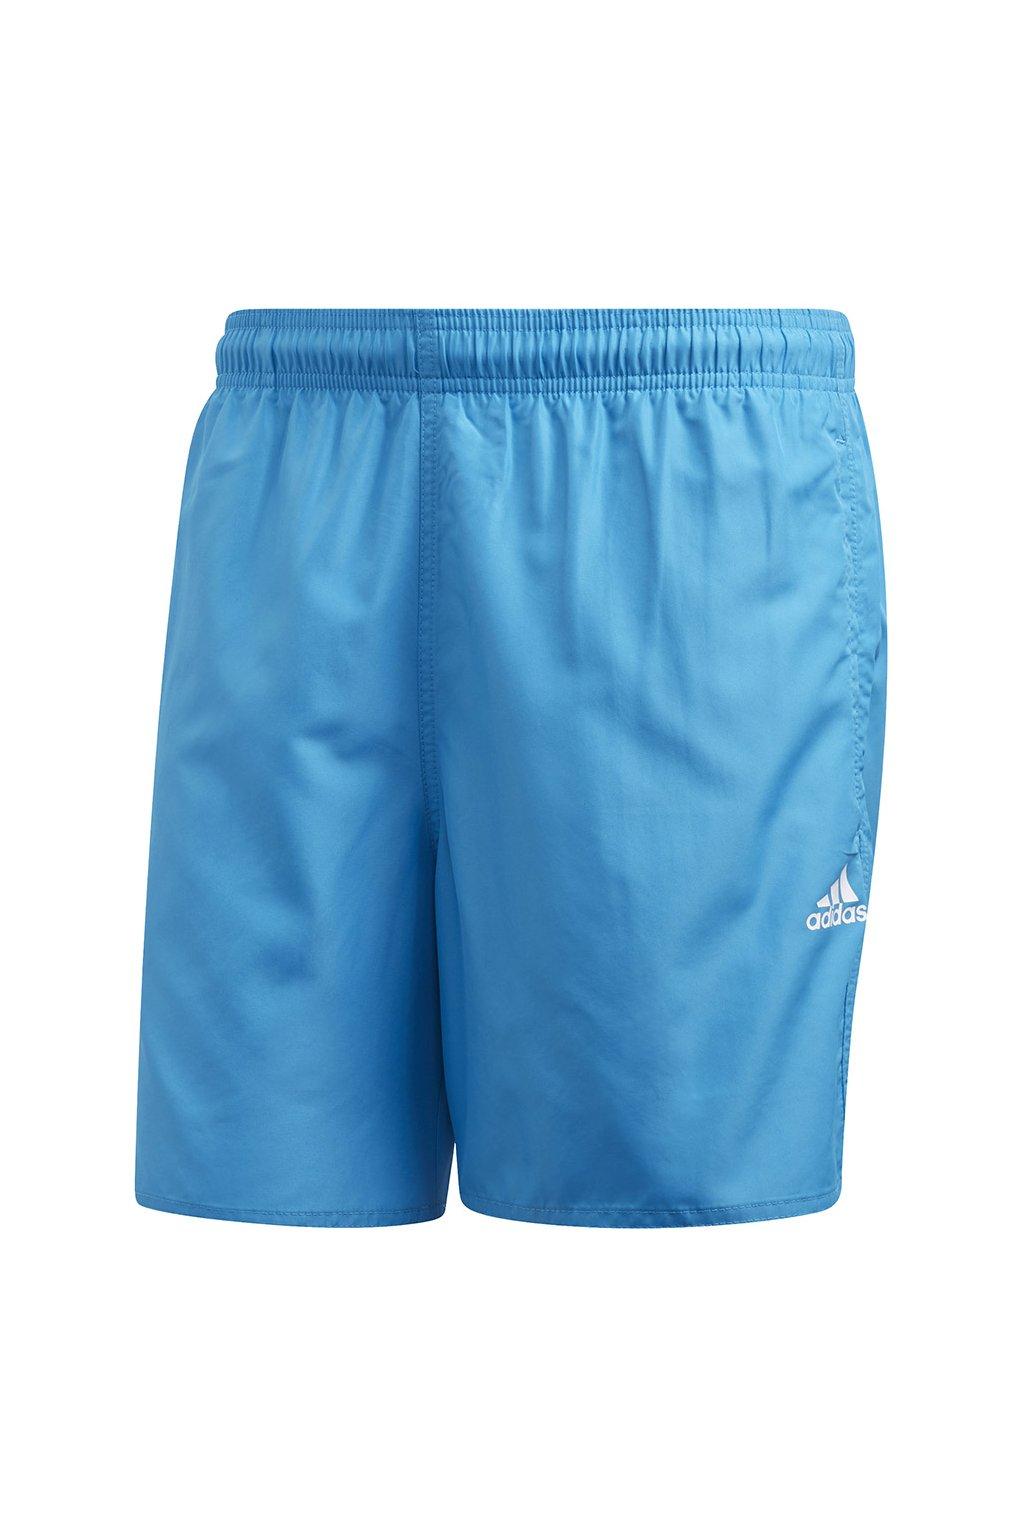 Pánske kúpacie šortky Adidas Solid CLX SH SL, modré FJ3381